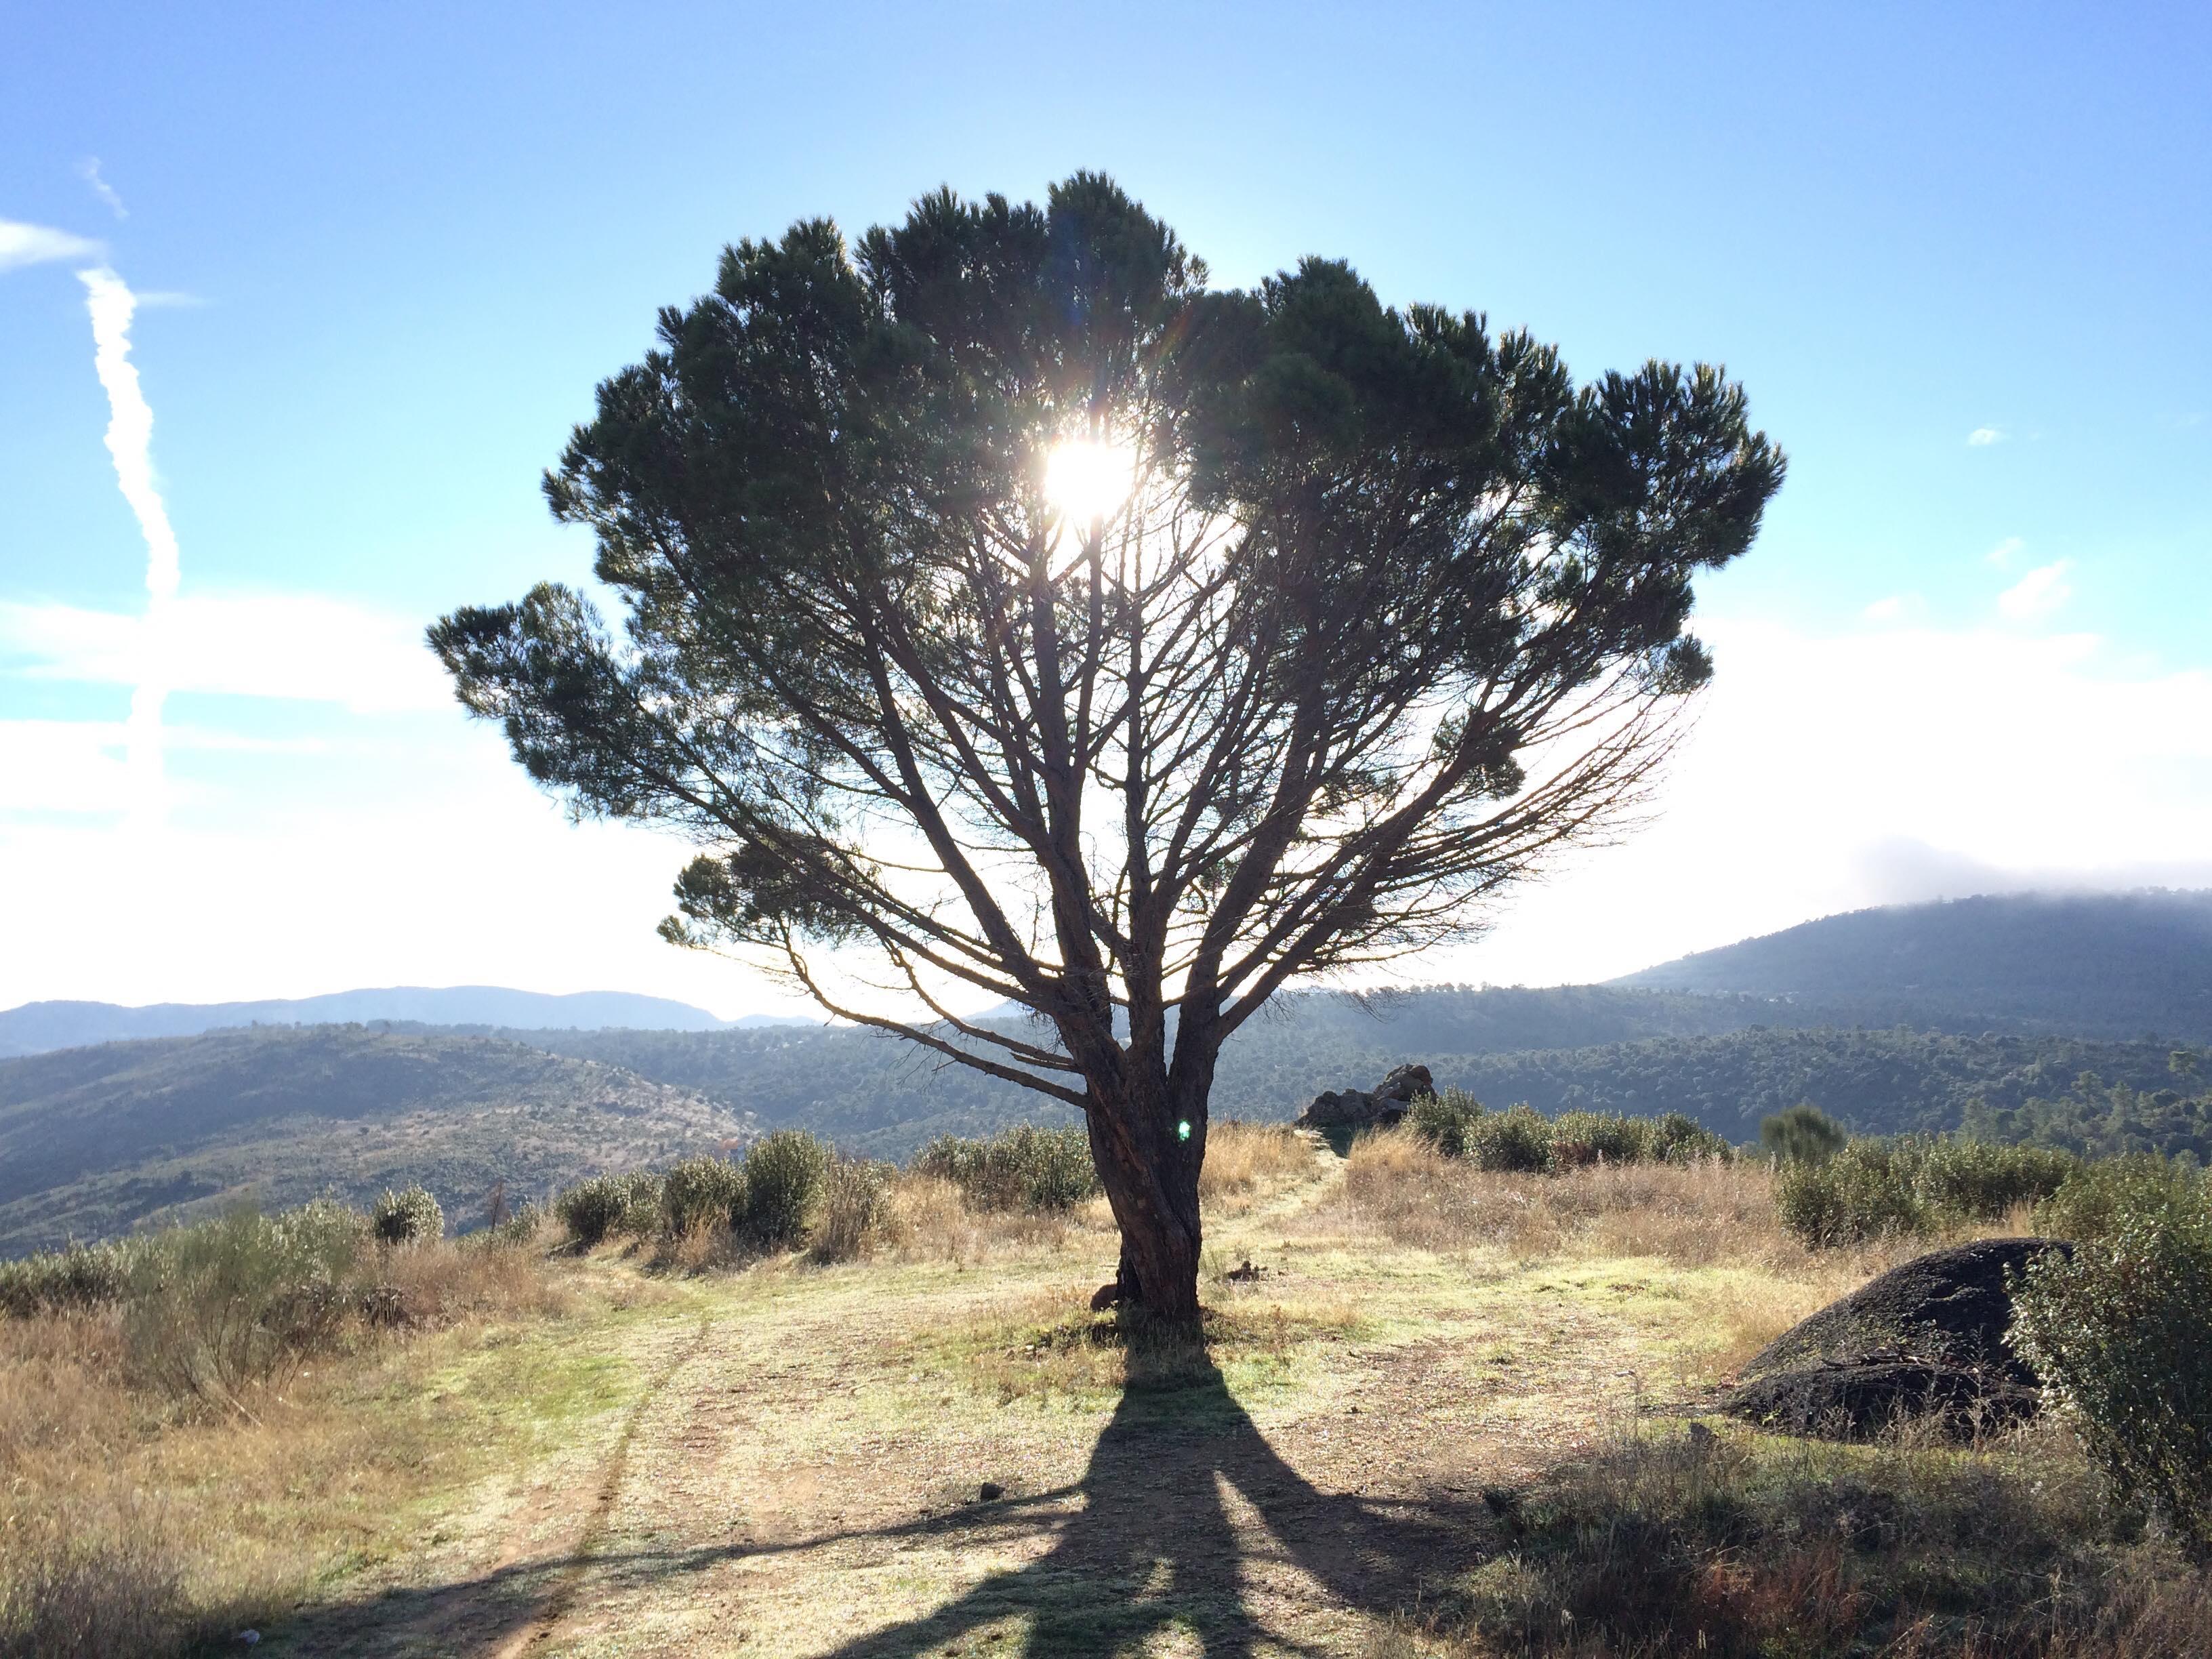 Ecosfera, SCI Madrid, voluntariado, salida a Valdemaqueda, senderismo, medioambiente